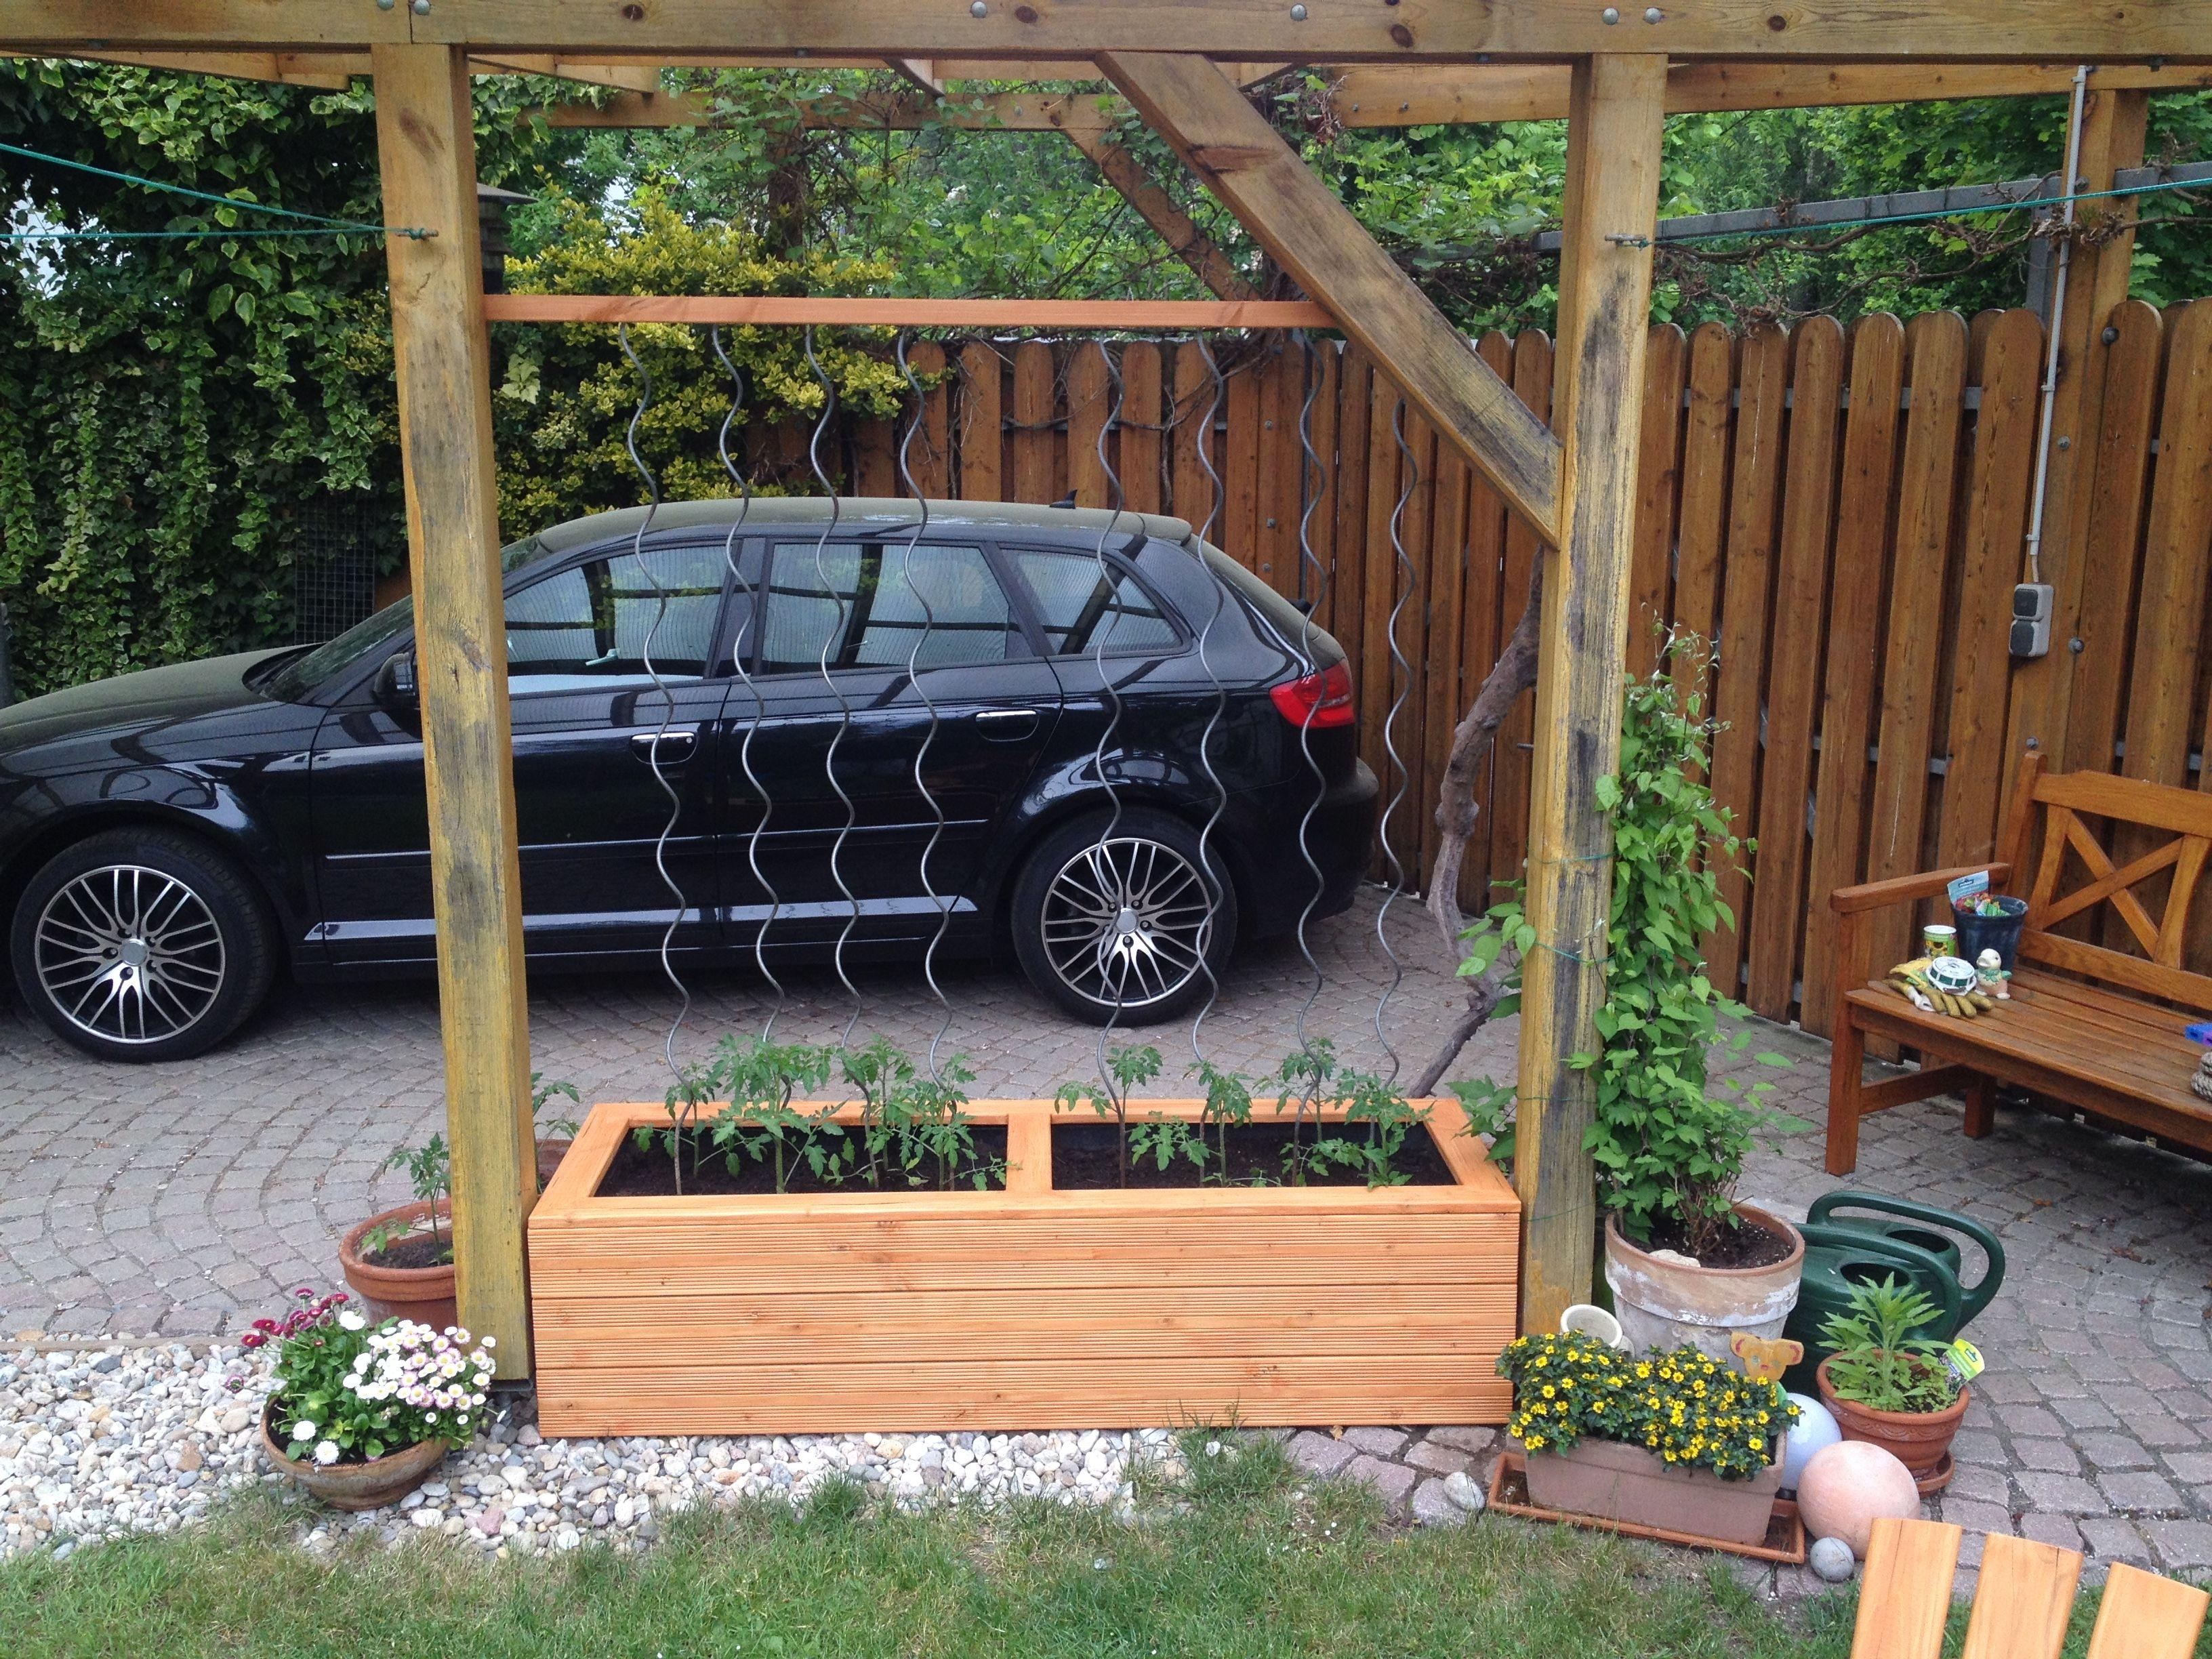 Pflanzkasten Fur Tomaten Bauanleitung Zum Selber Bauen Garten Pflanzkasten Pflanzkasten Pflanzen